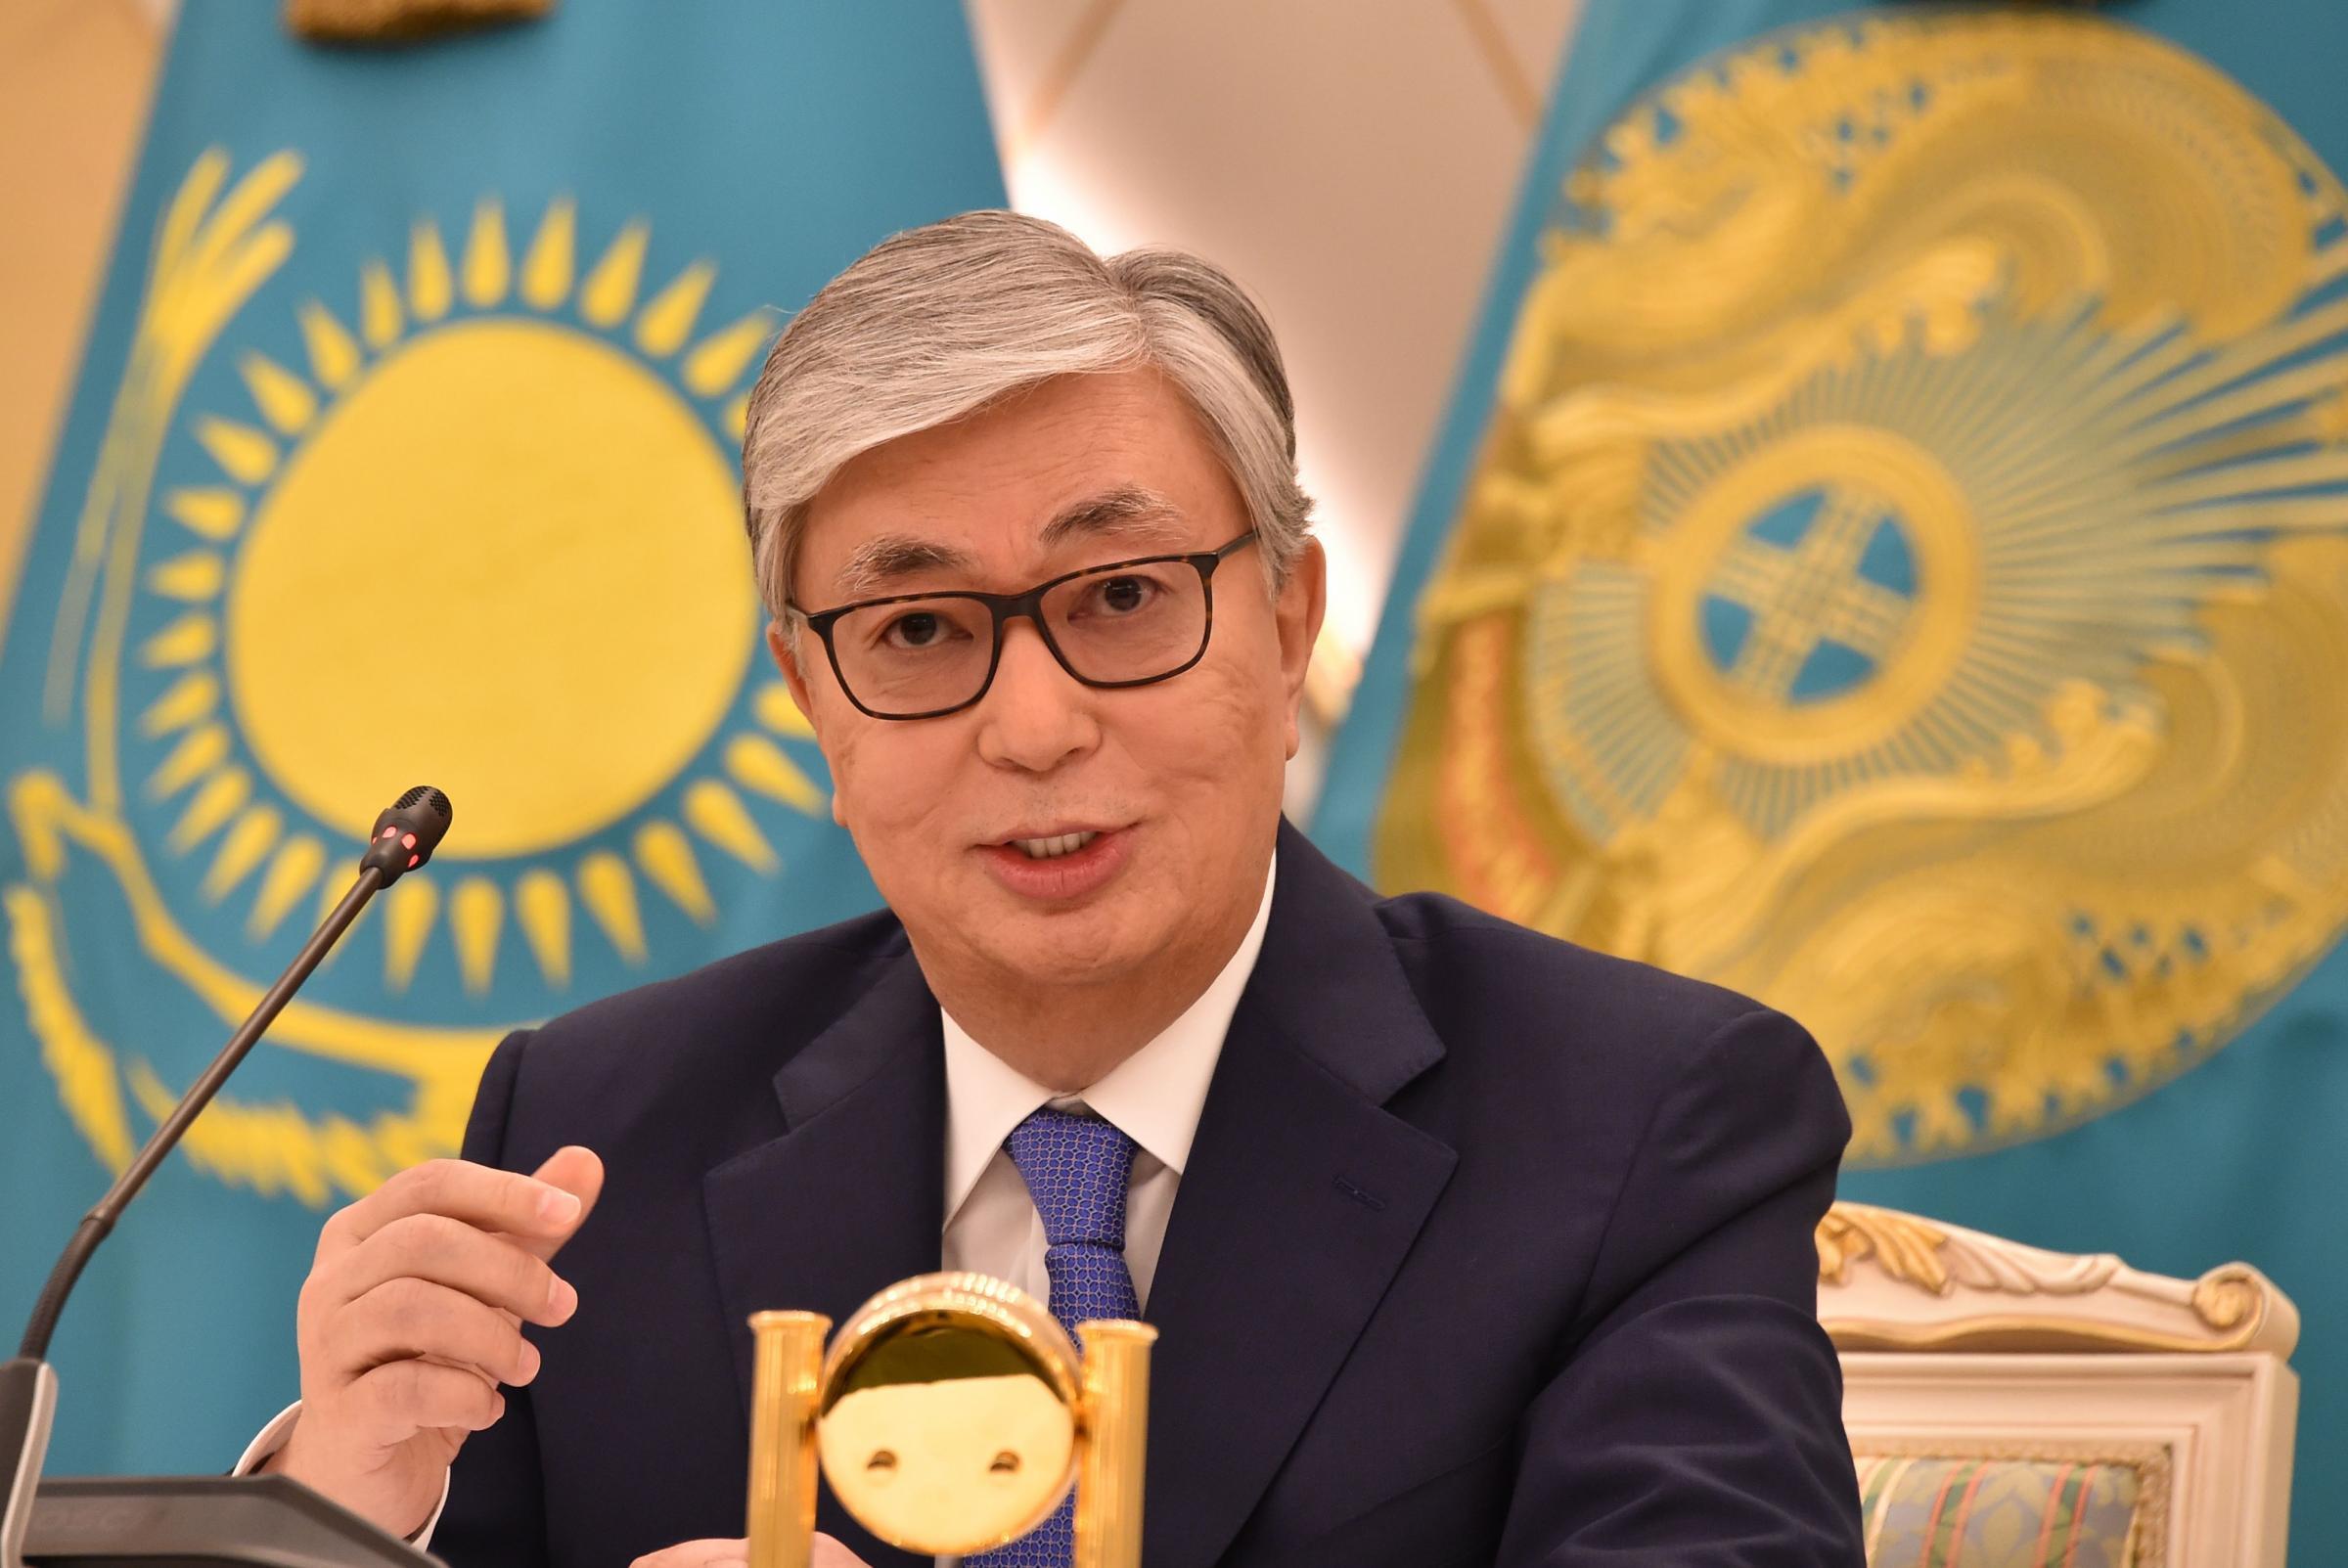 La prossima sfida del Kazakhstan: diversificare la propria economia